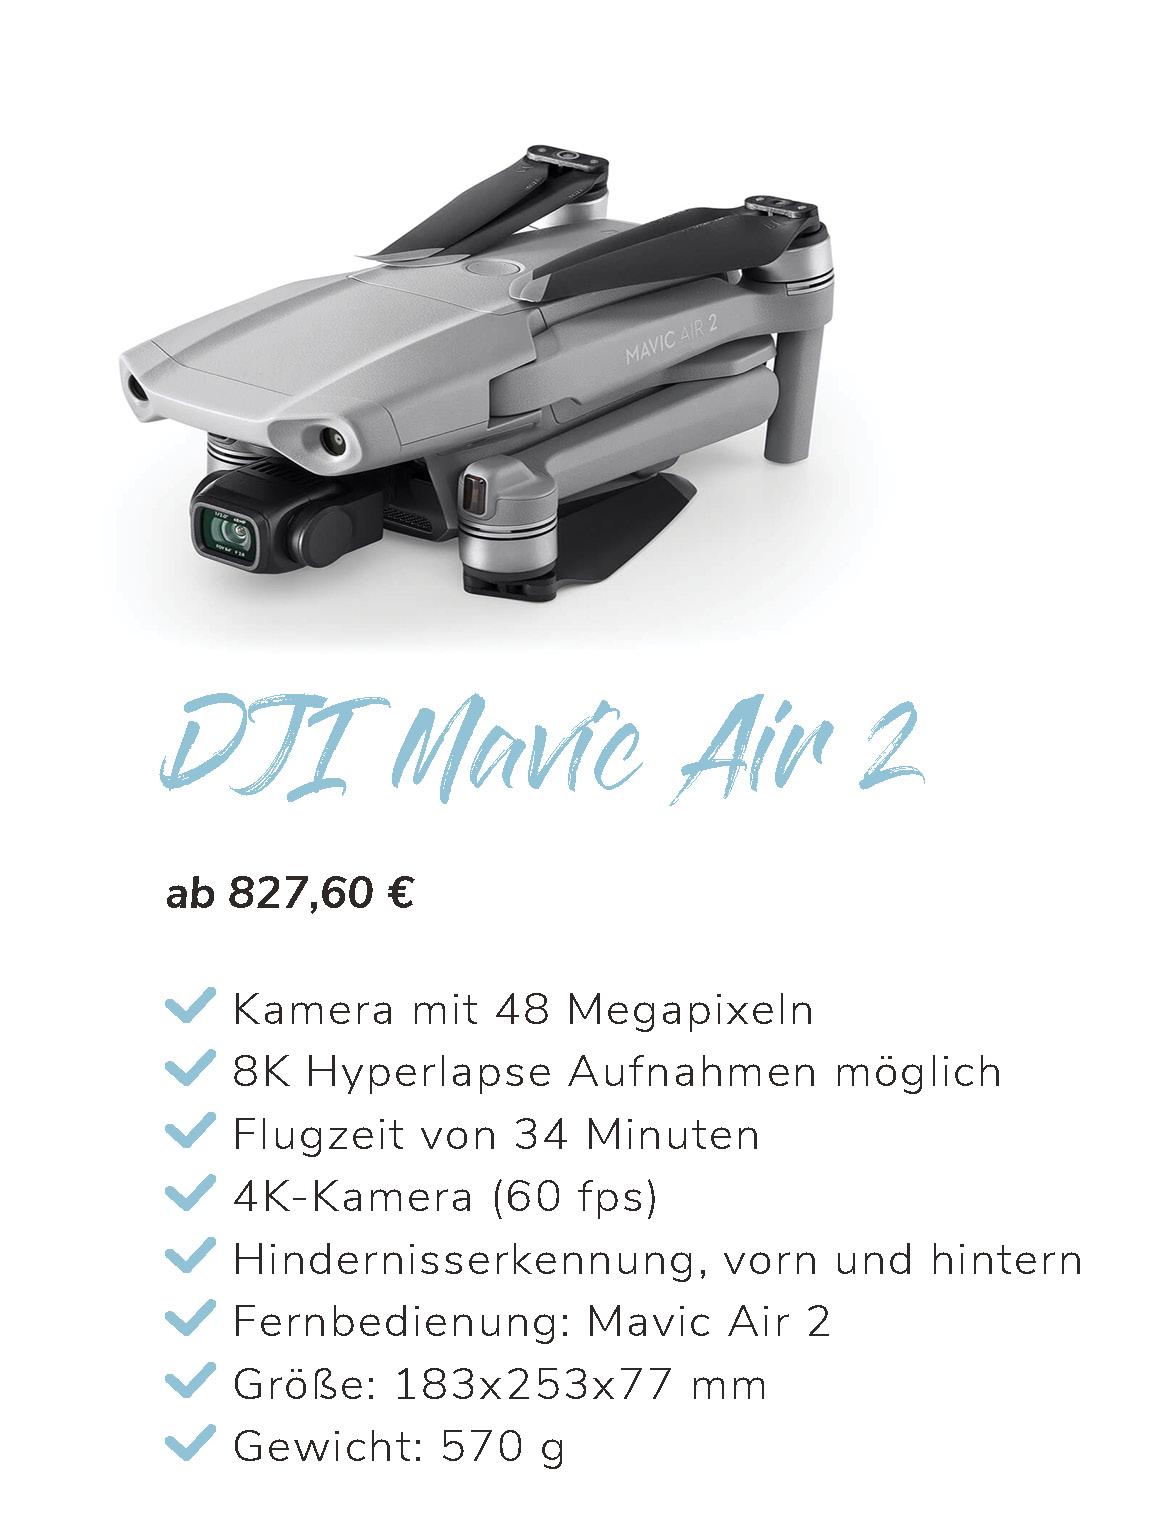 DJI Mavic 2 Air Übersicht und Eigenschaften